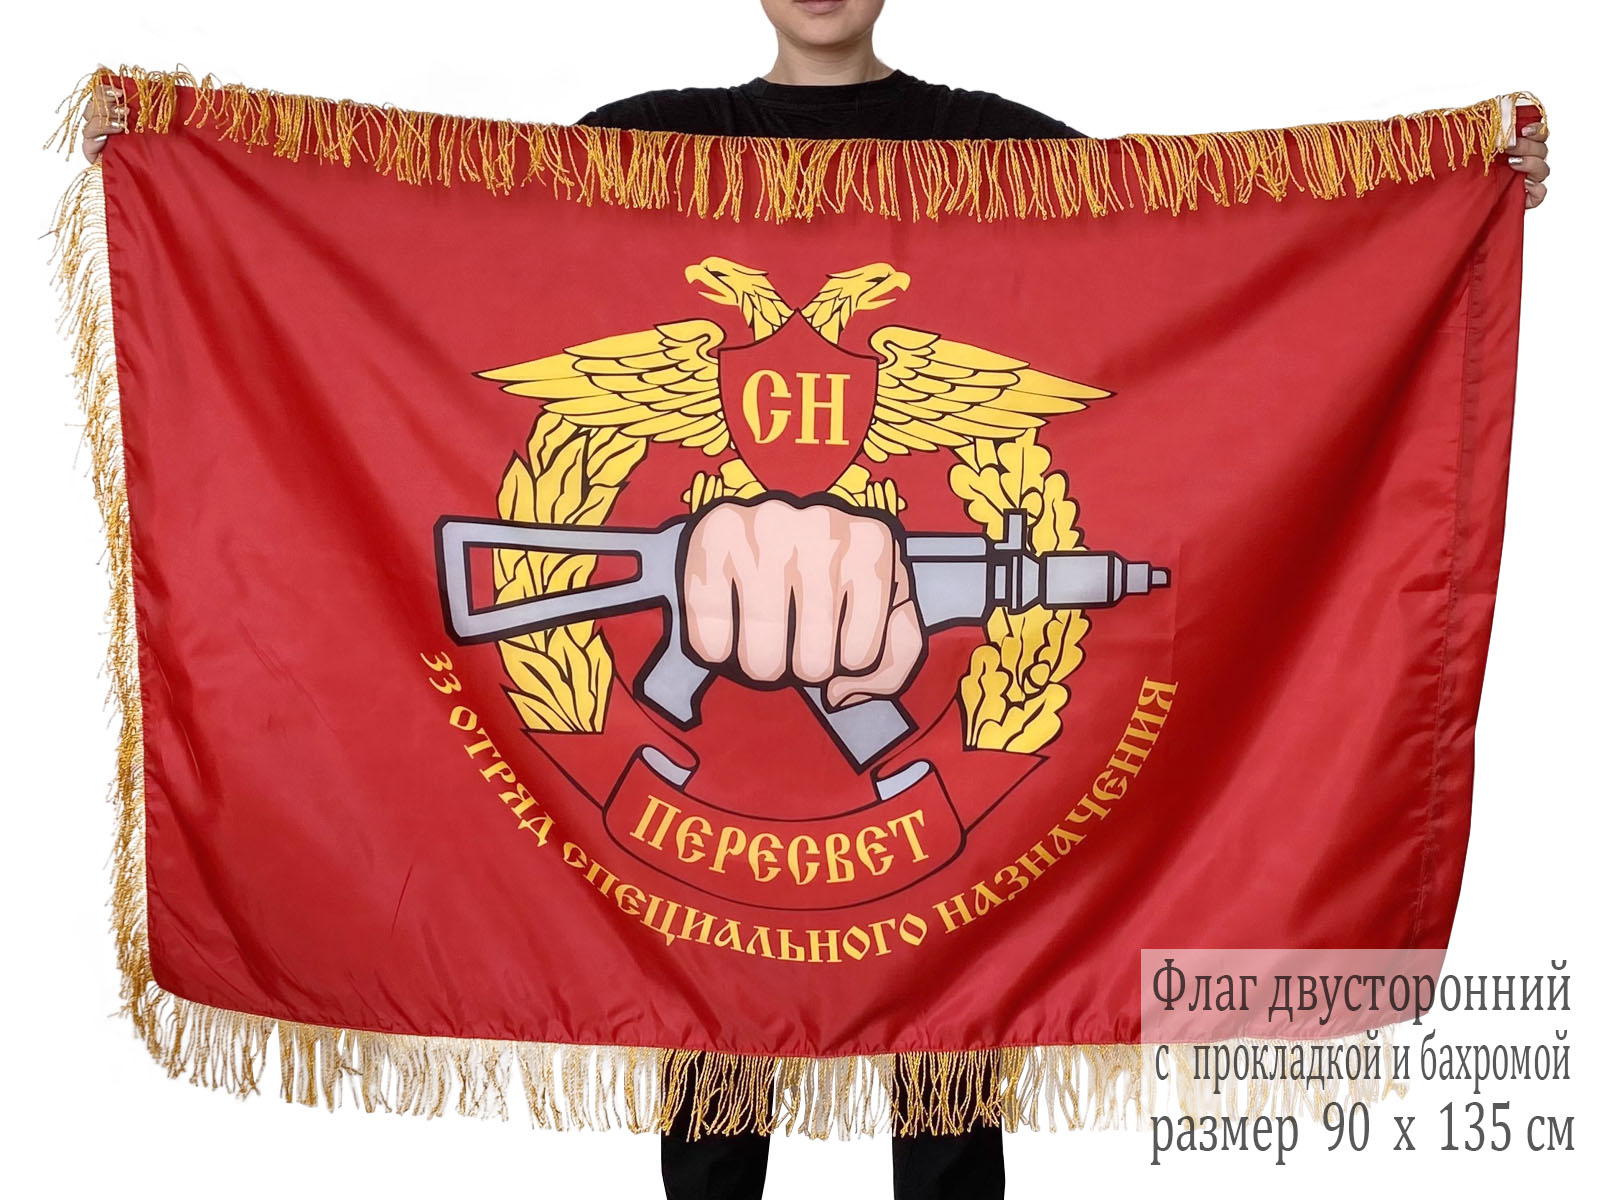 Двусторонний флаг с бахромой 33 ОСпН Пересвет